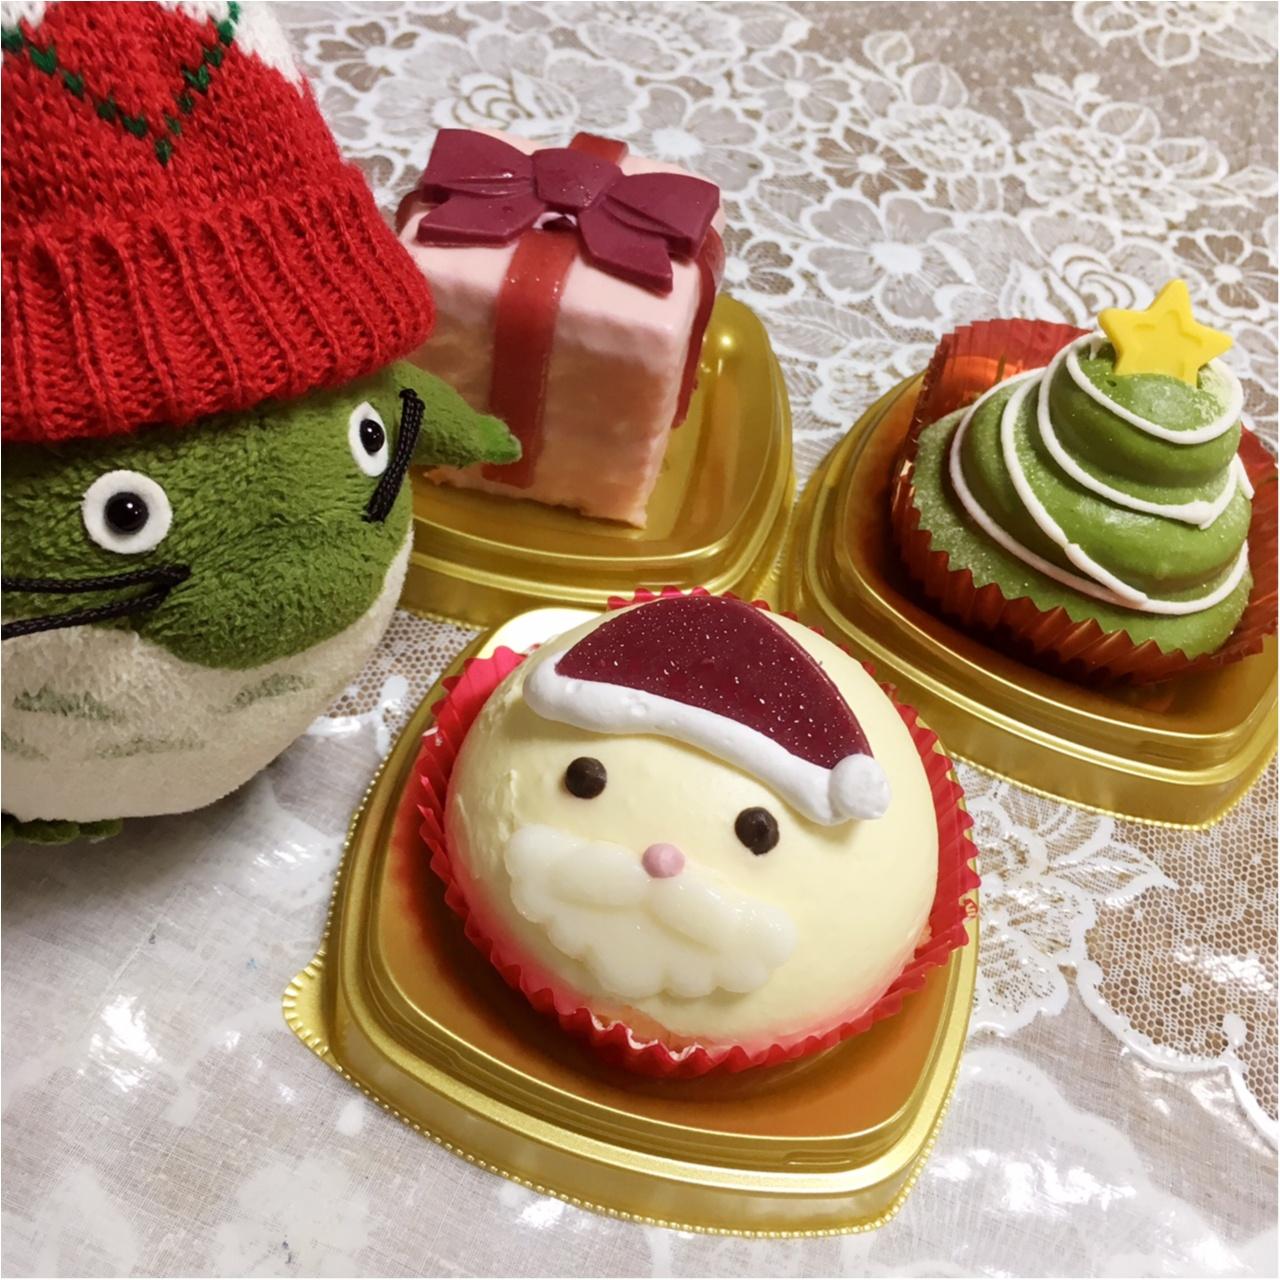 【コンビニスイーツ】インスタ映え間違いなし♡かわいいクリスマスケーキに大注目!【セブンイレブン】_3